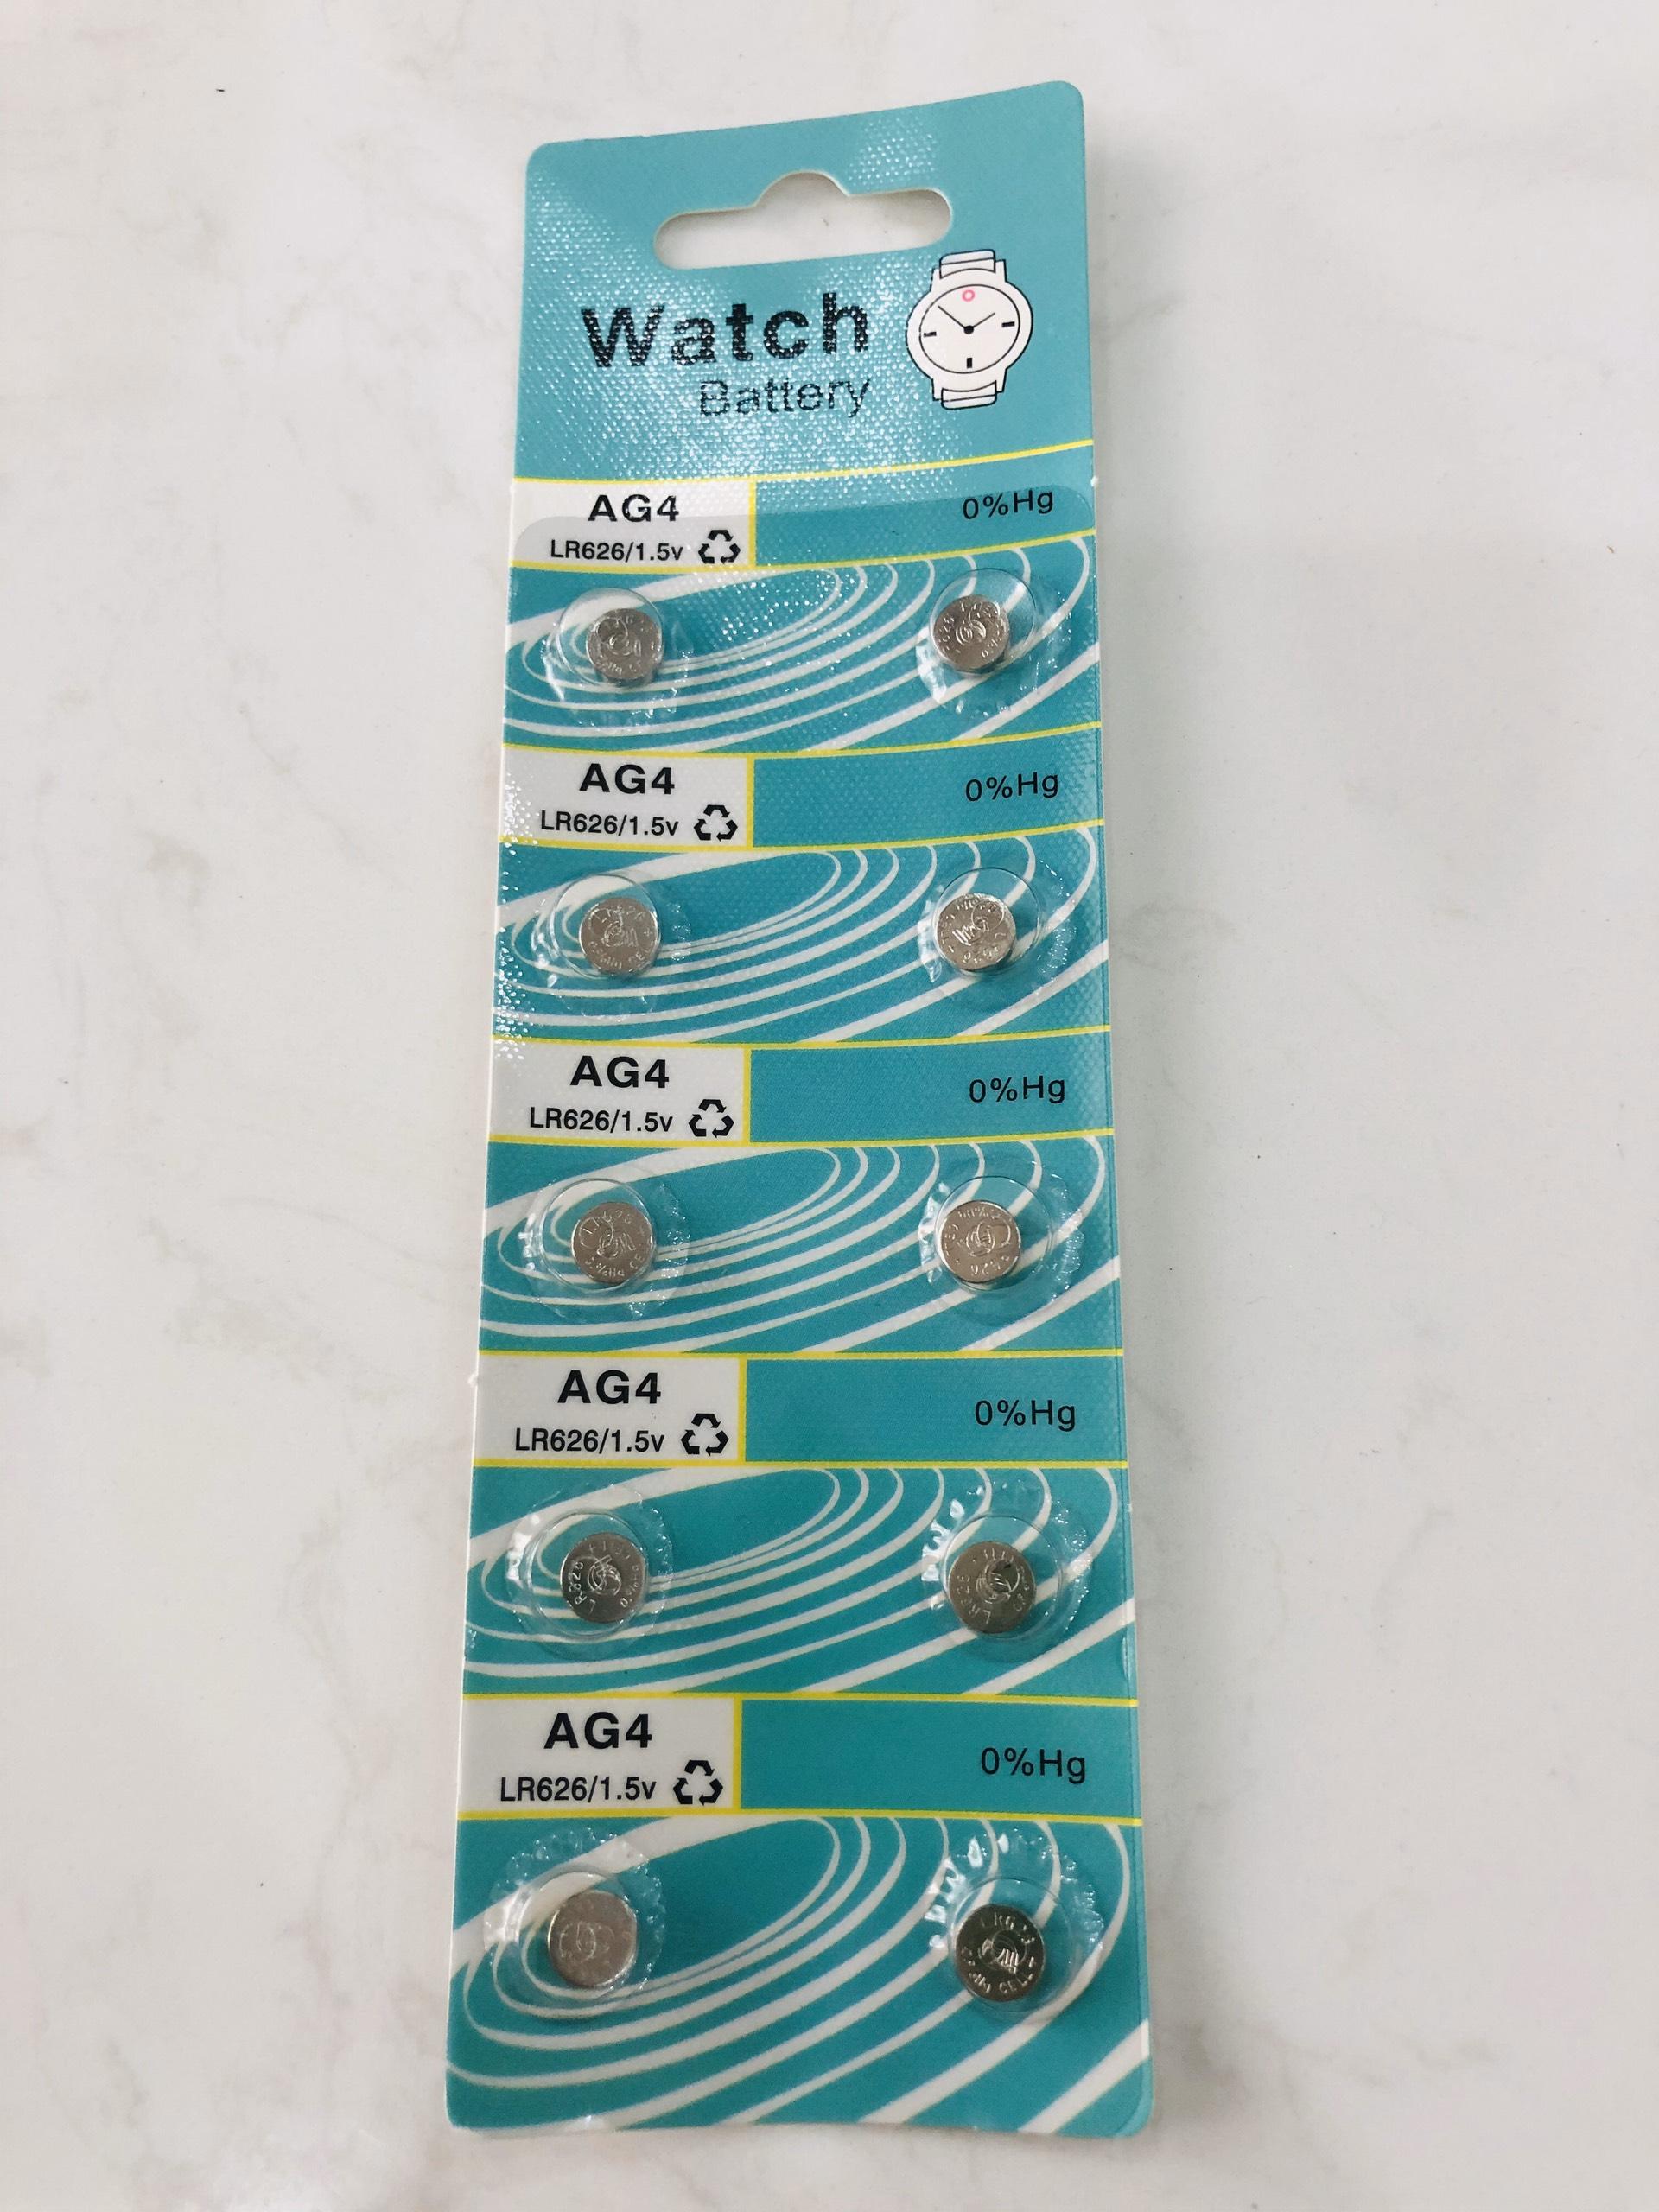 Vỉ pin đồng hồ phổ thông AG4 - 626 - 377A ( 1 vỉ 10 viên pin),phù hợp cho nhiều loại đồng hồ phổ thông hoặc đồ chơi.